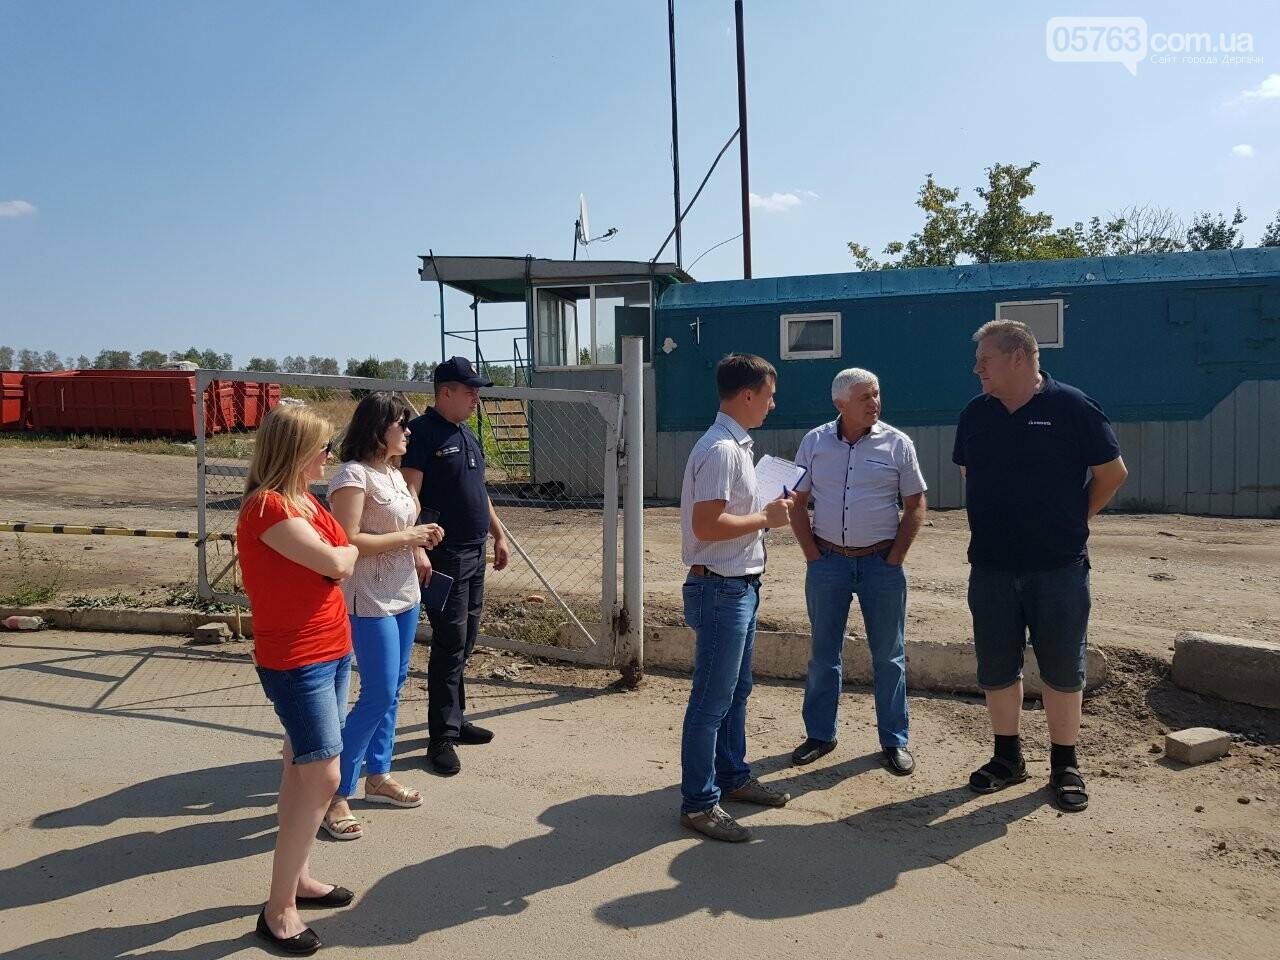 Дергачевский район: приняли участие в комиссионном обследовании полигонов хранения ТБО, фото-4